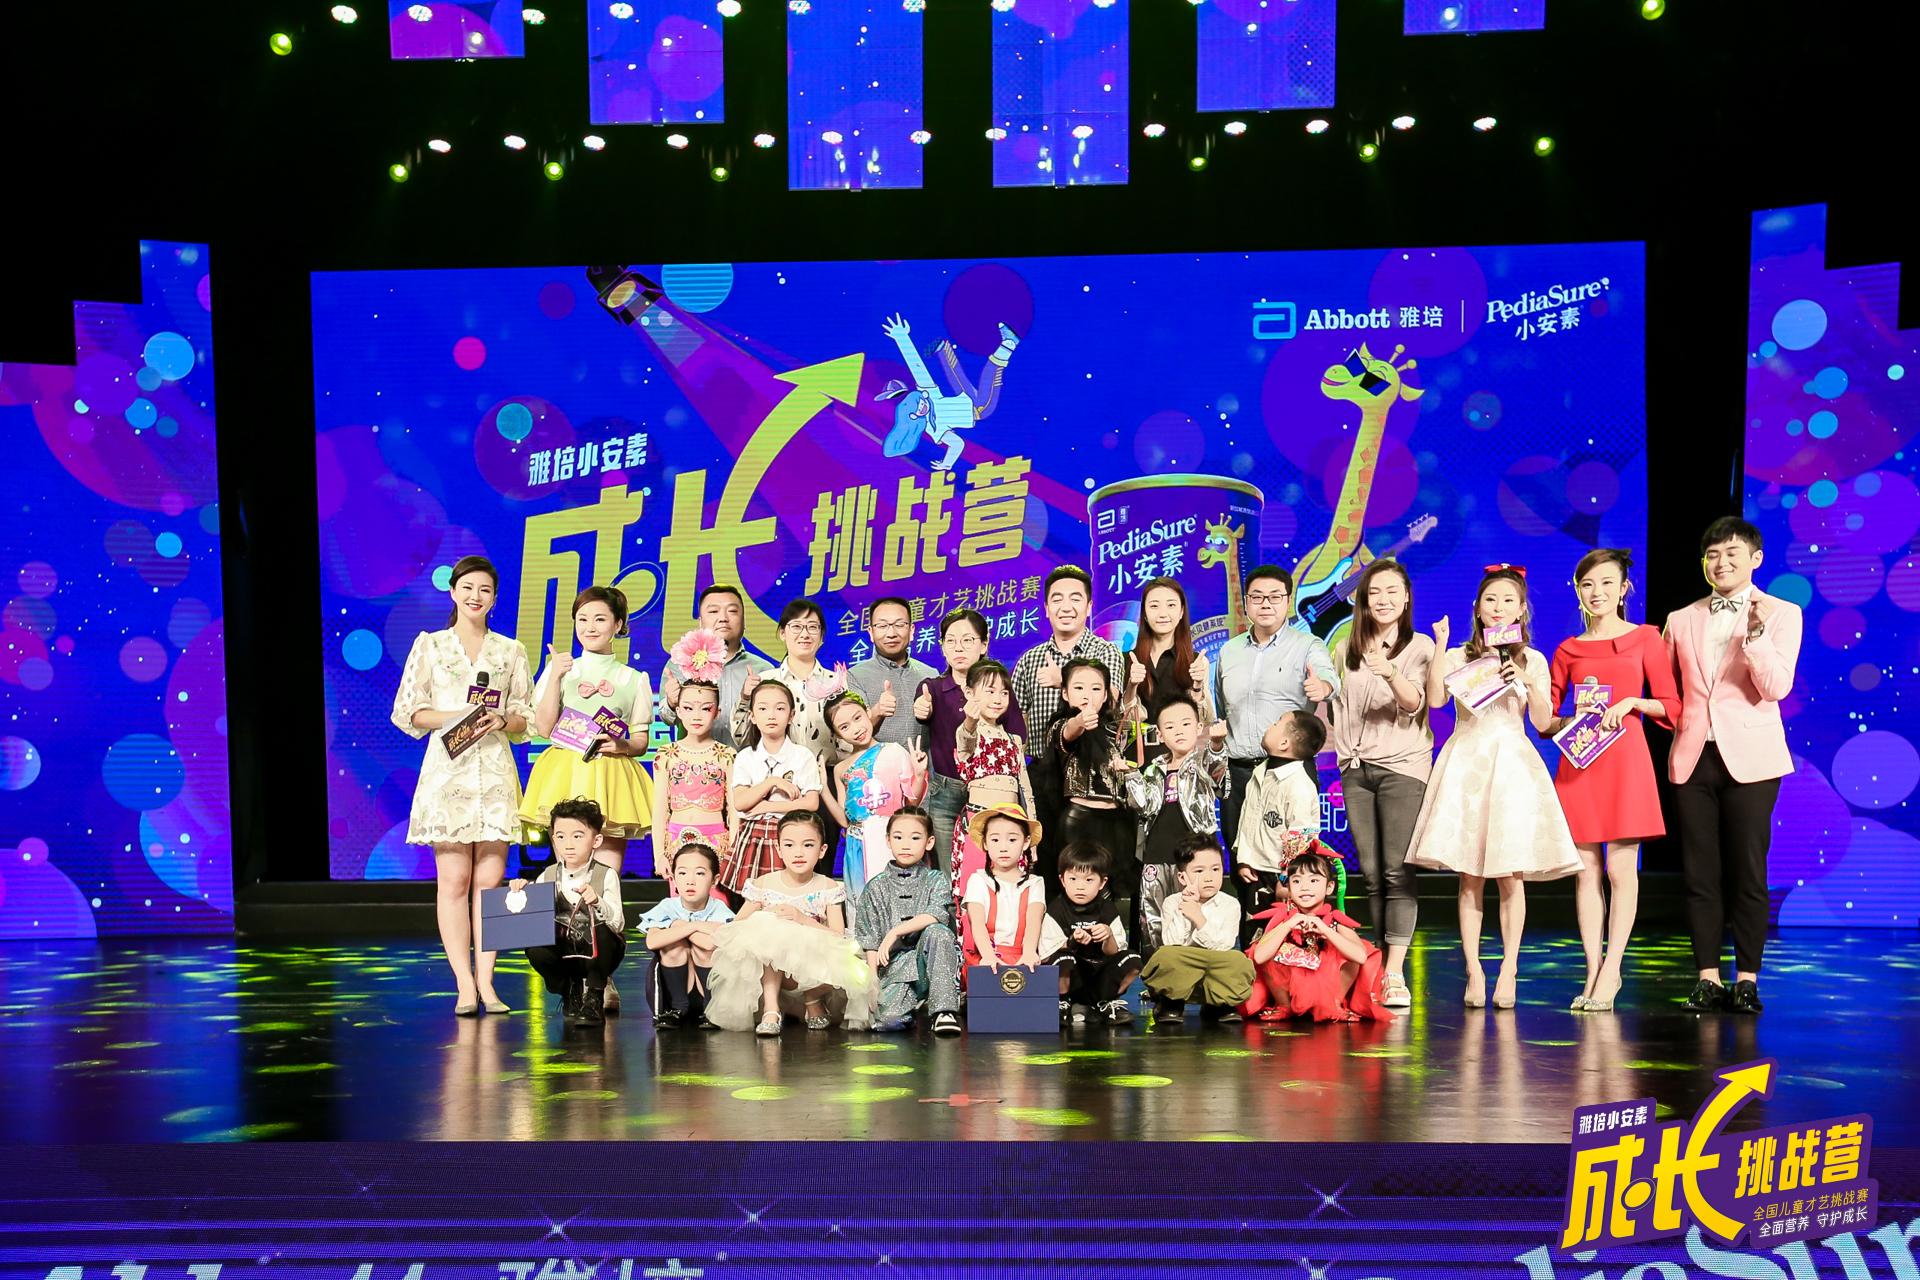 """雅培小安素""""成长挑战营""""儿童才艺挑战赛总决赛选手与评委合影"""